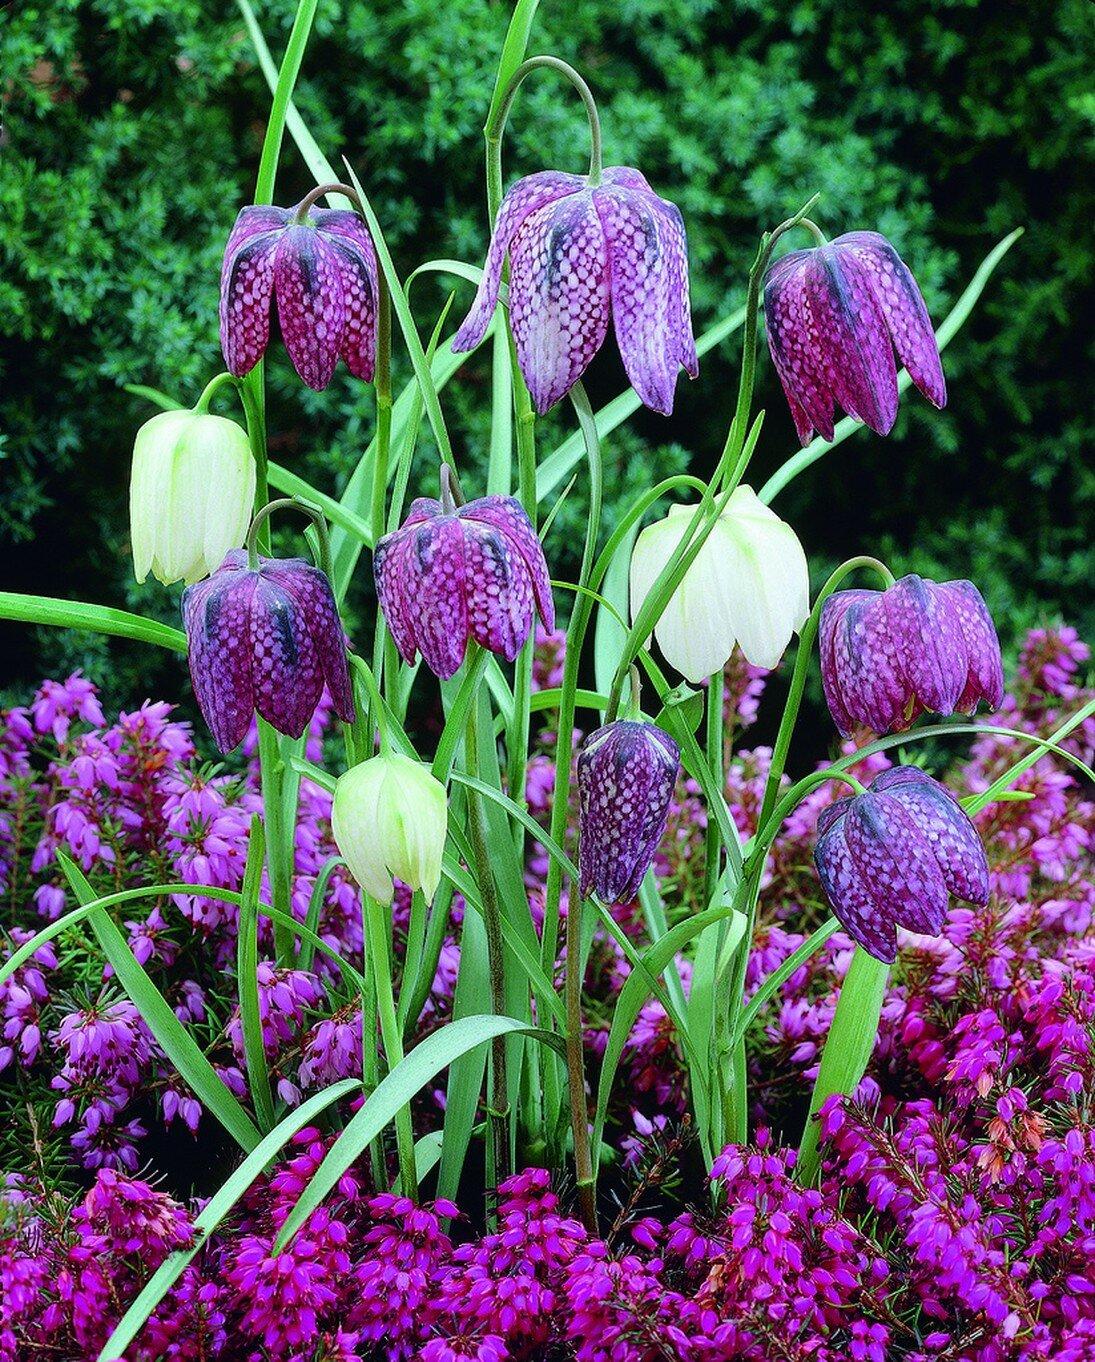 Растение рябчик: фото и описание цветов, посадка, уход и выращивание рябчиков, разновидности растений